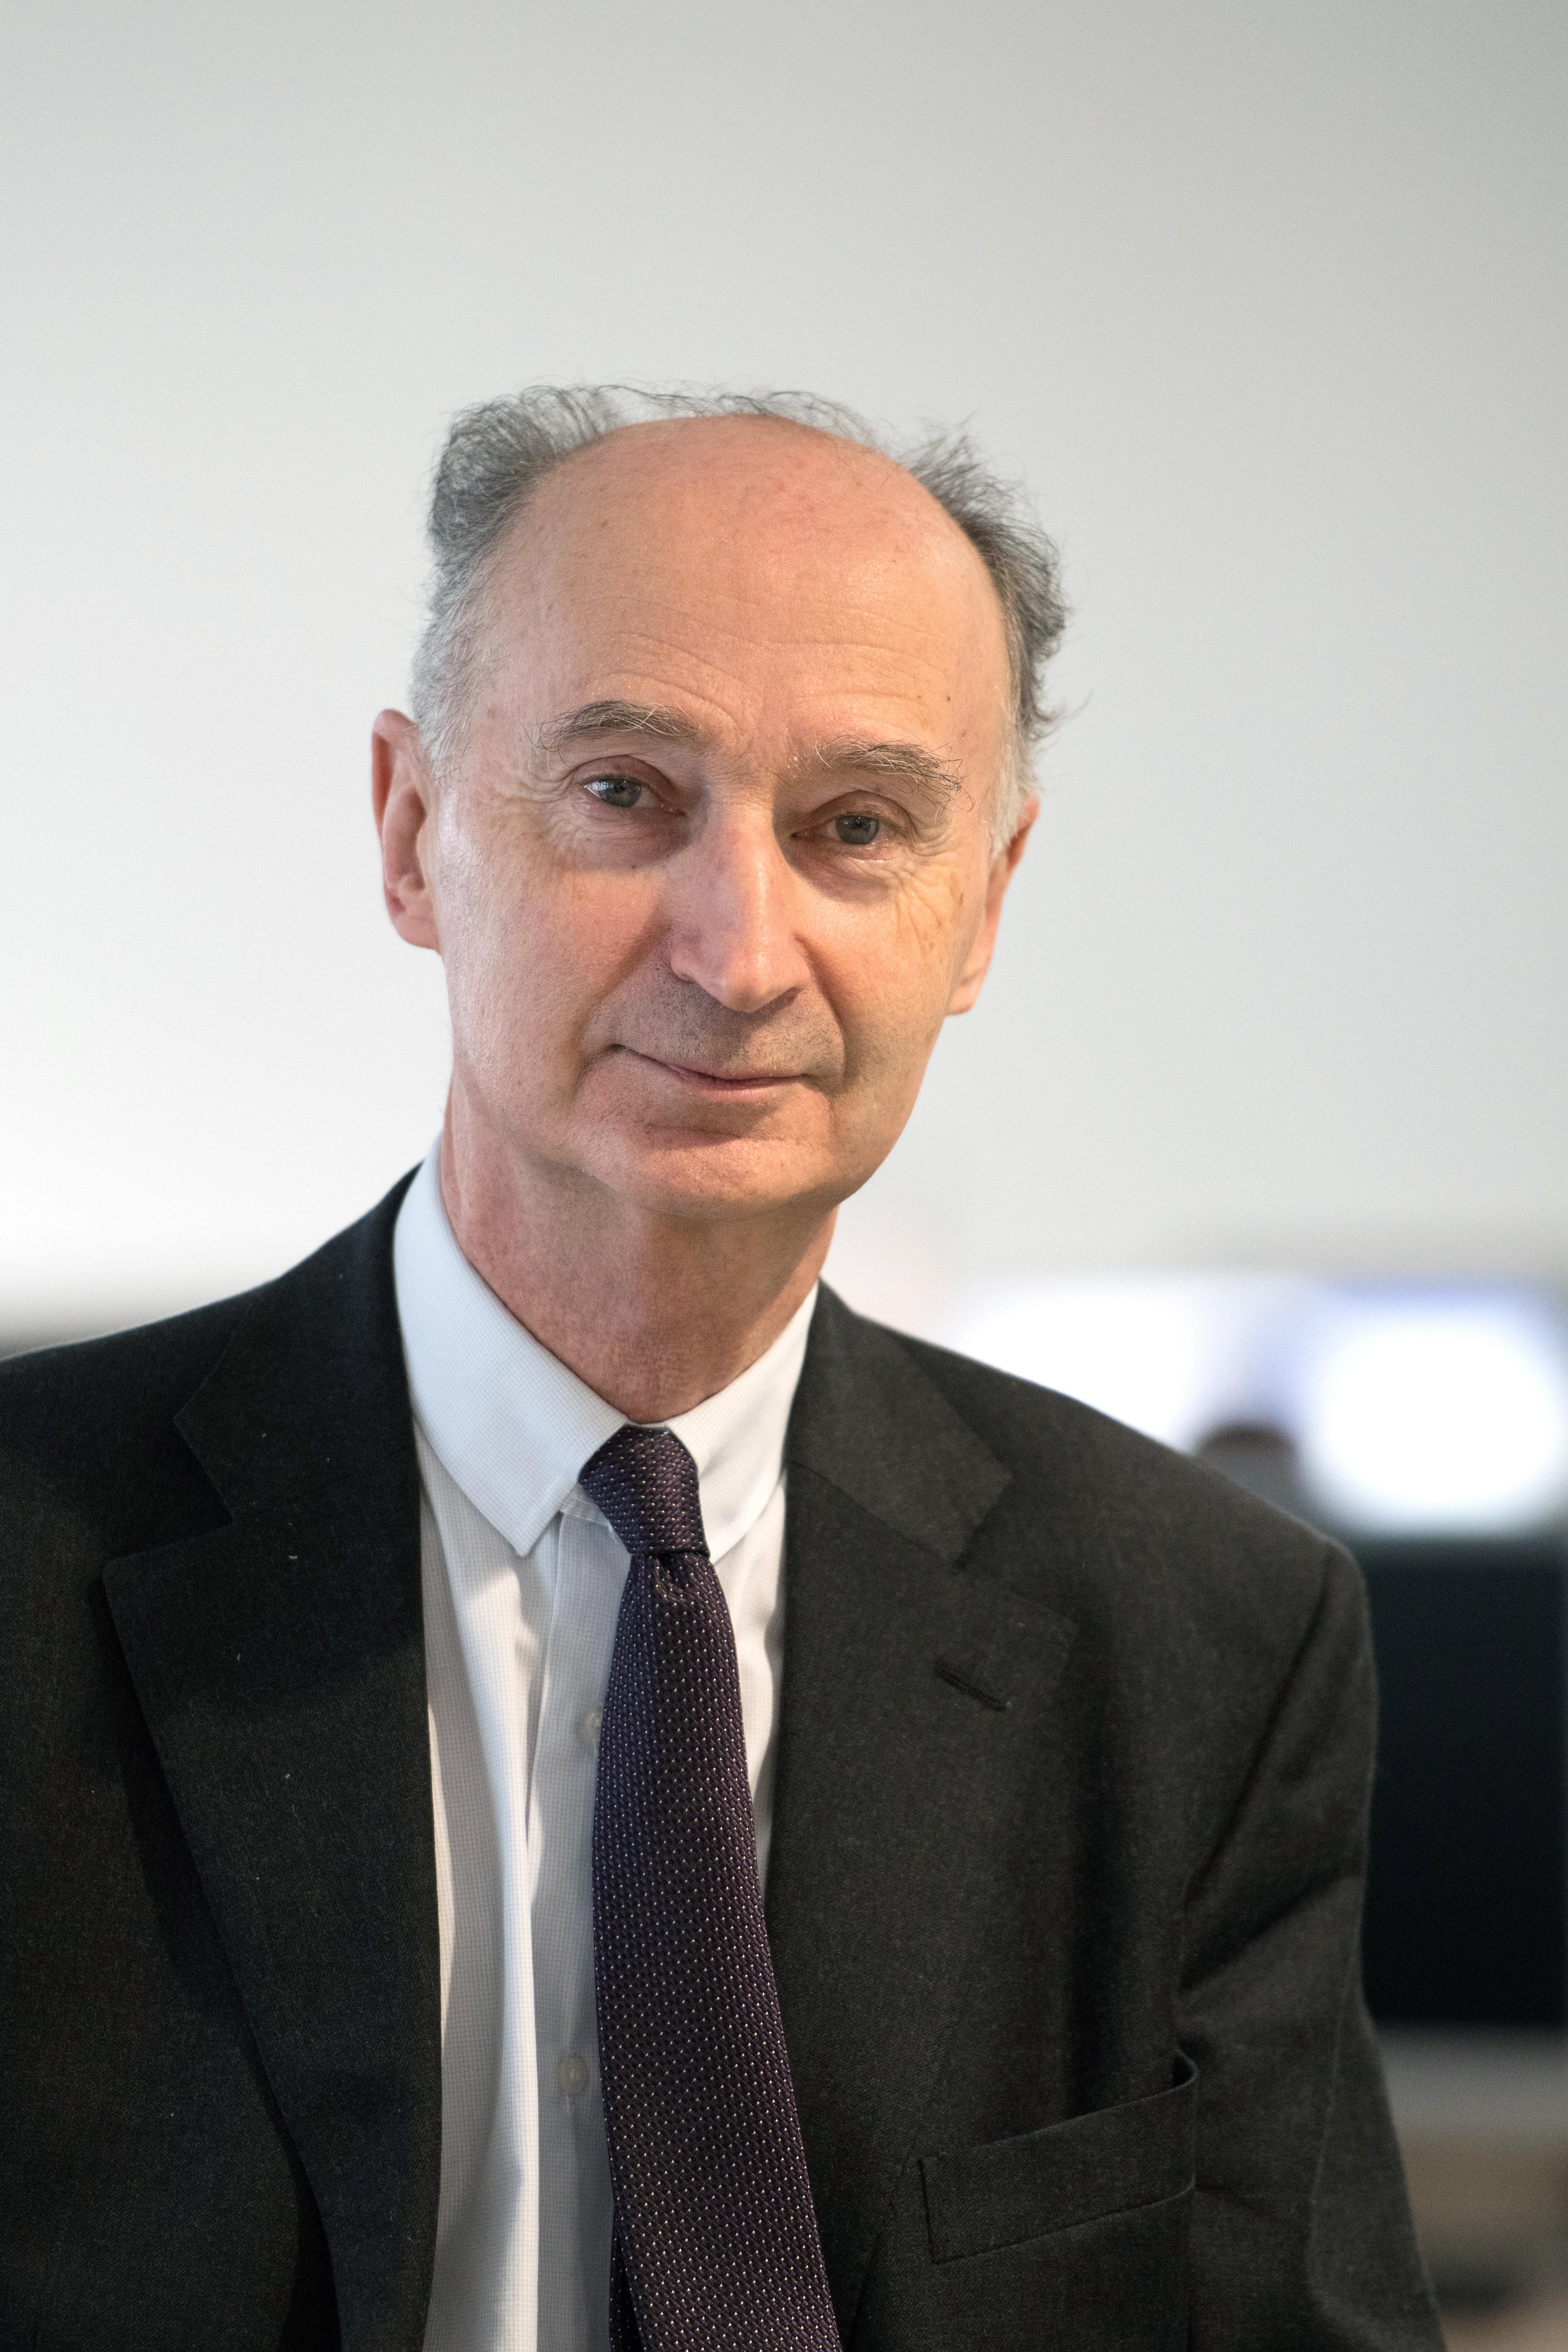 Les entretiens de l'APVF : Questions à Jean-Luc de Boissieu, président du Conseil d'administration de SMACL Assurances